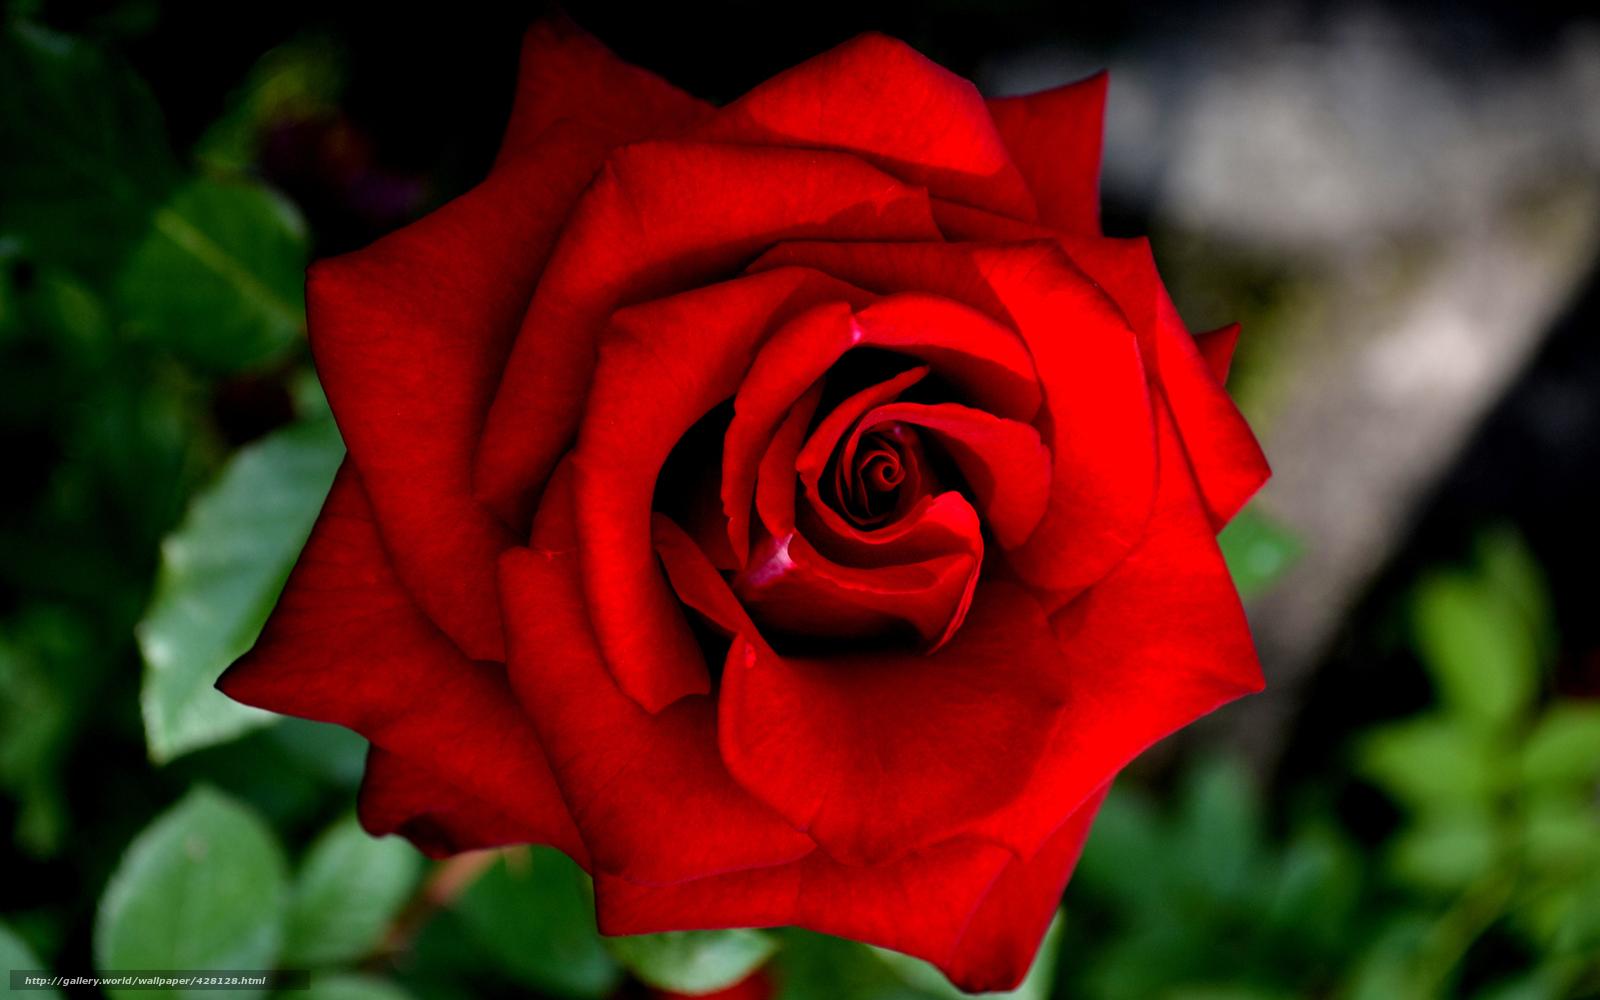 Скачать обои роза красивый цветок